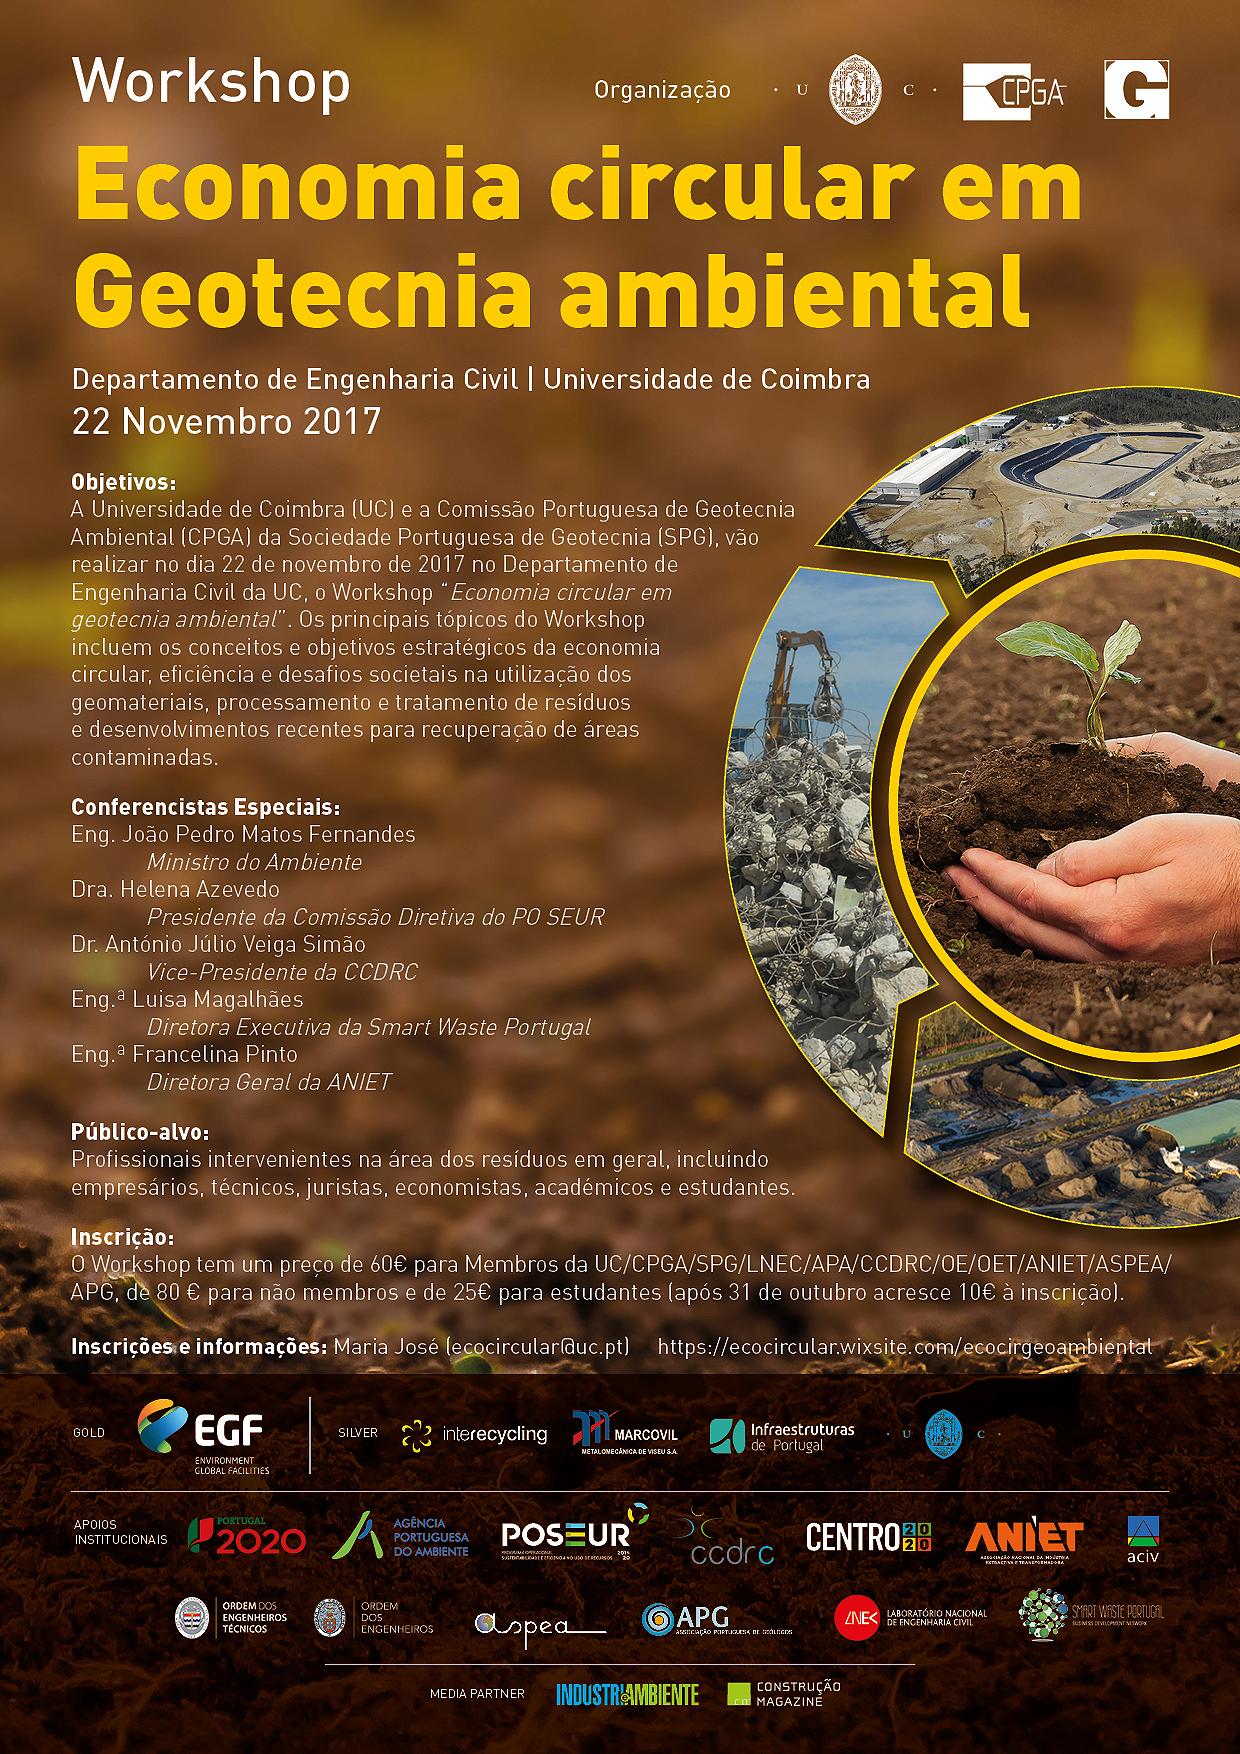 Economia Circular em Geotecnica Ambiental